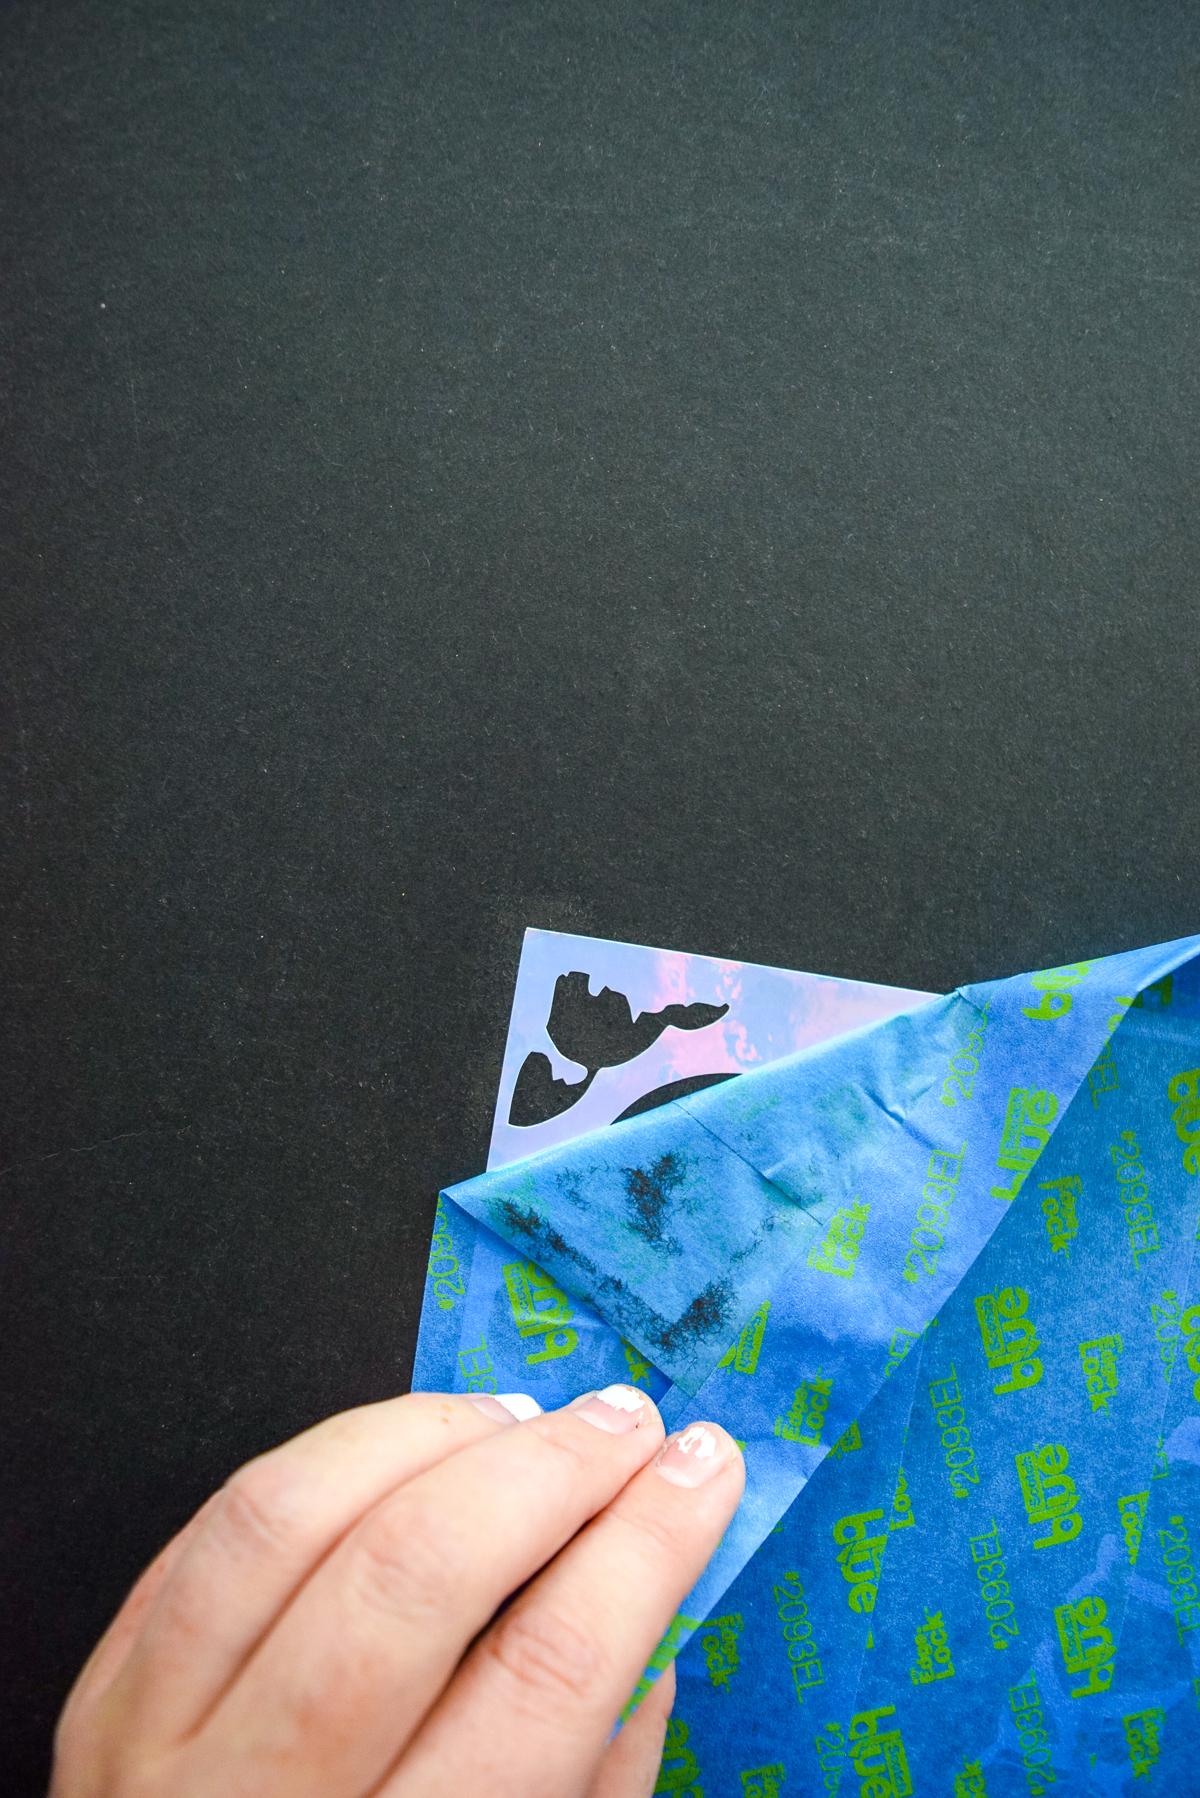 peeling back tape from a vinyl transfer